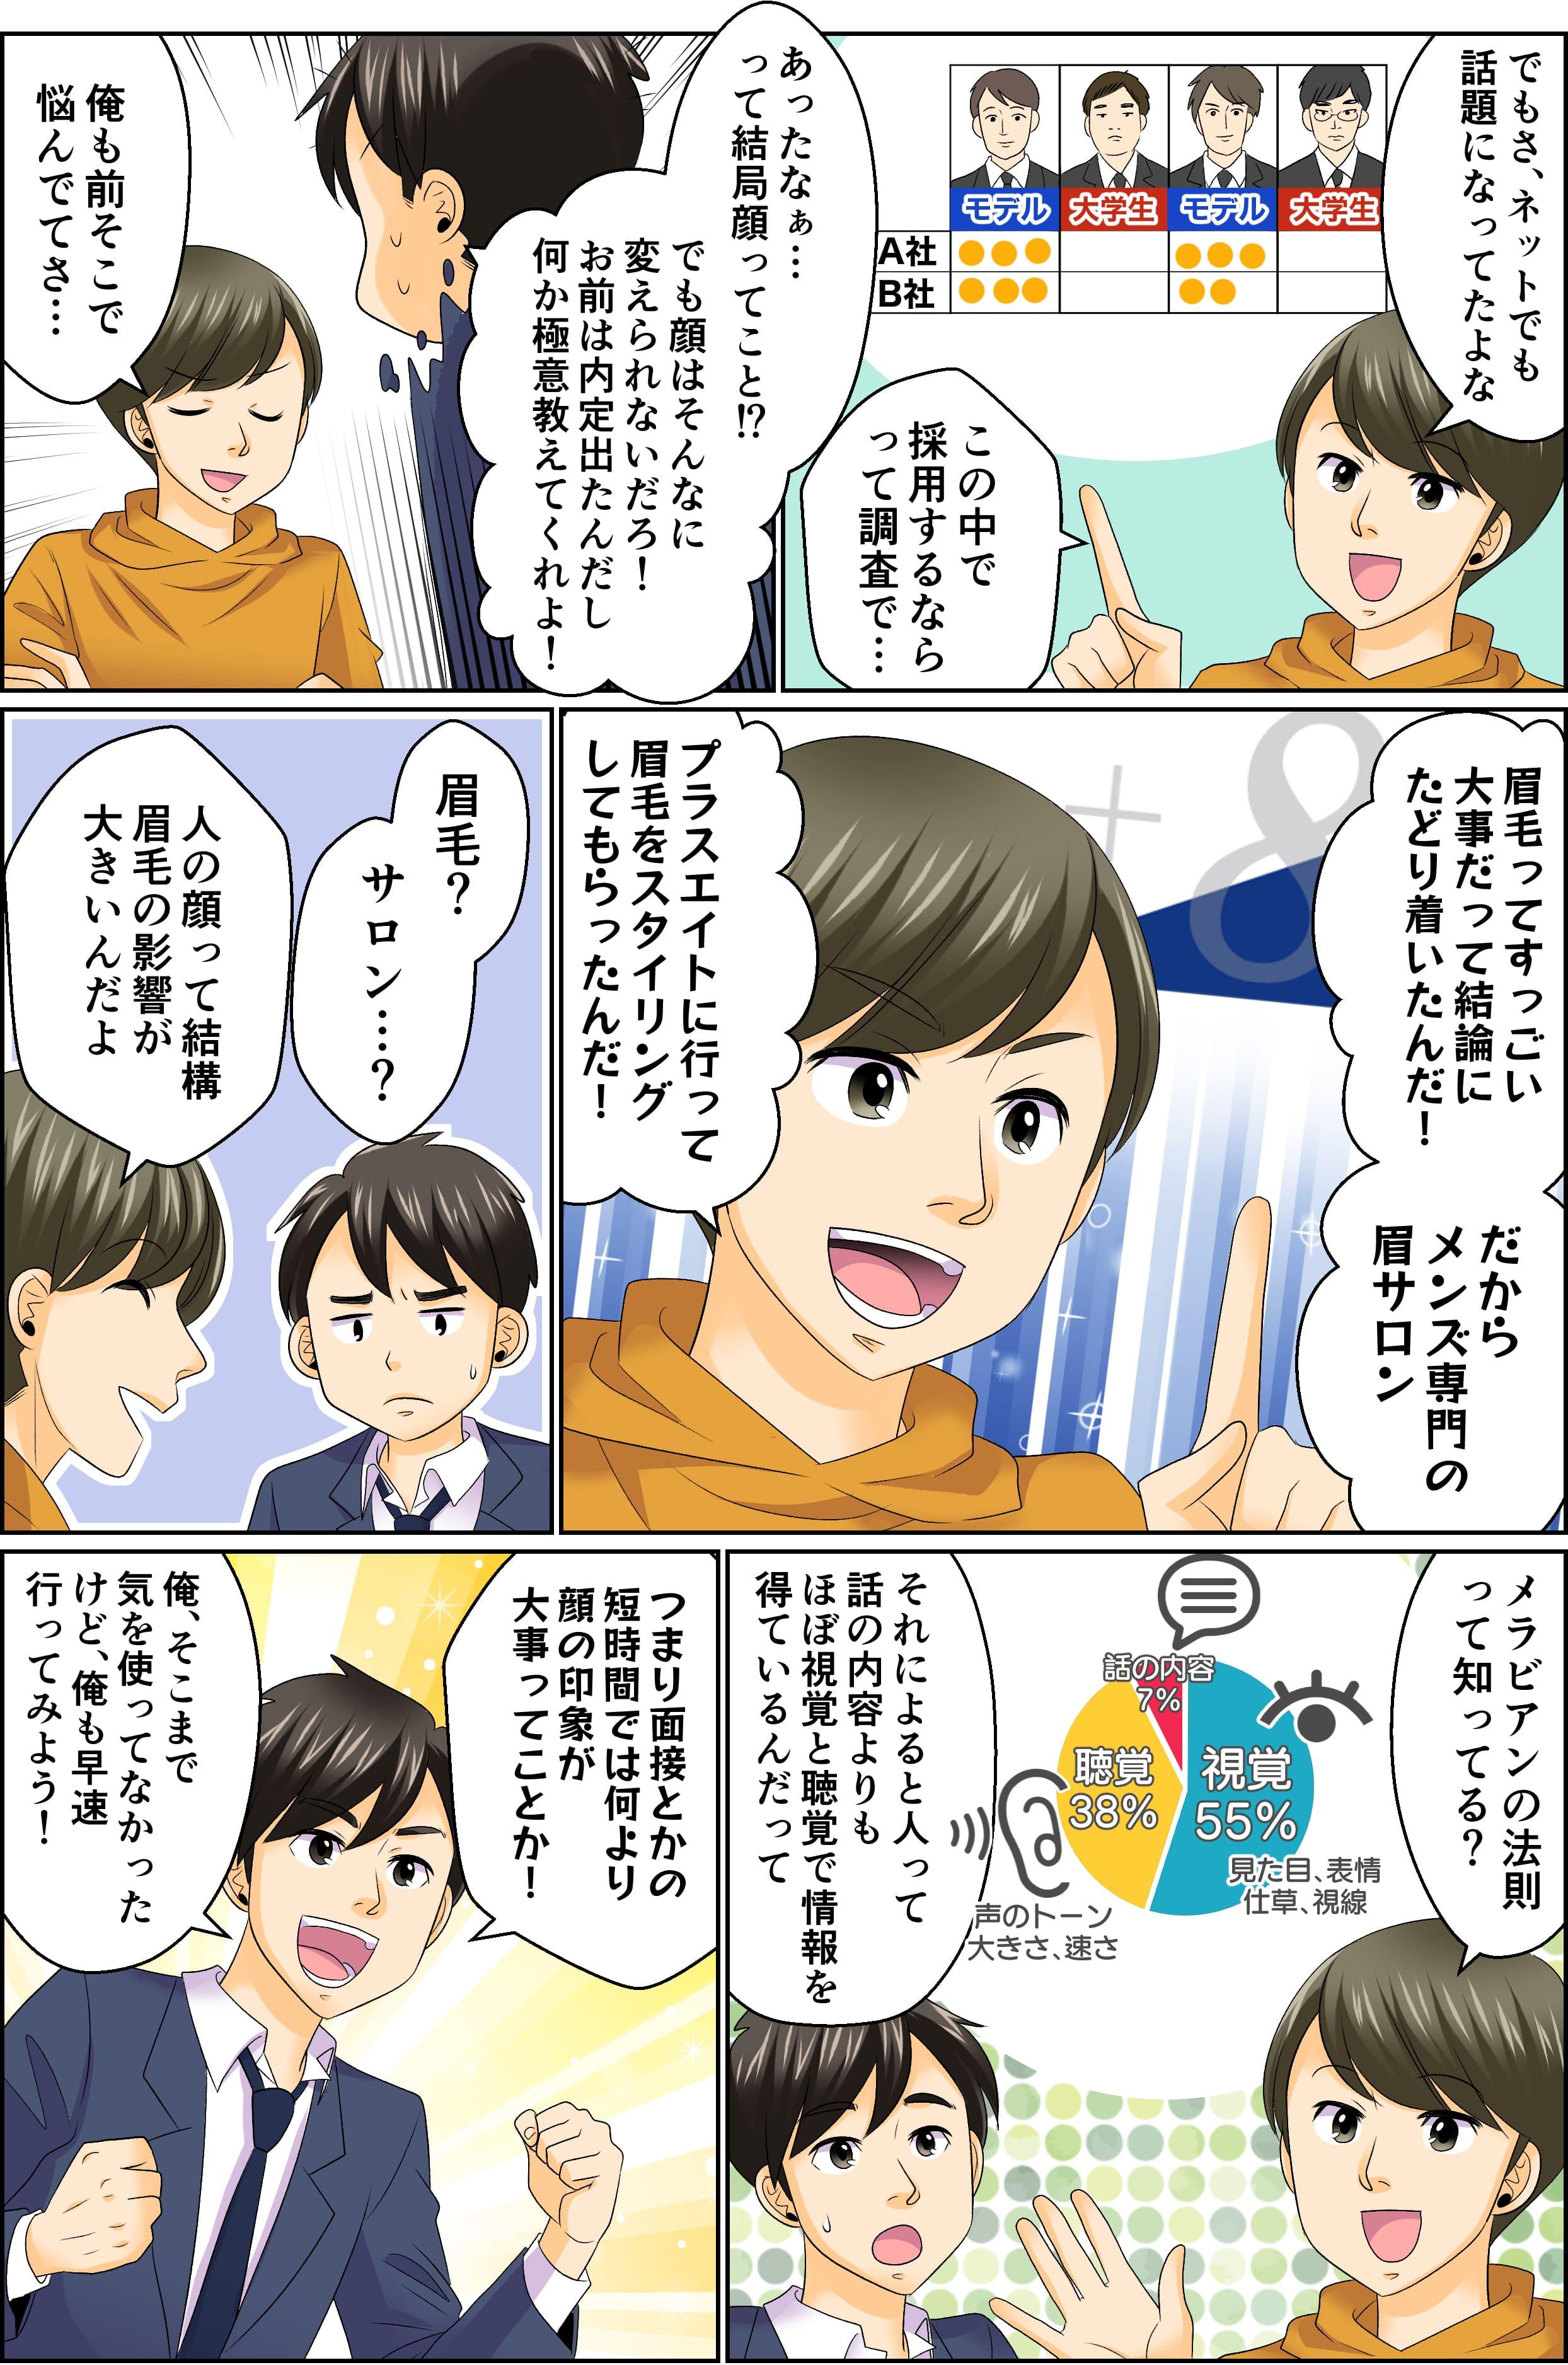 眉毛施術【就活】3